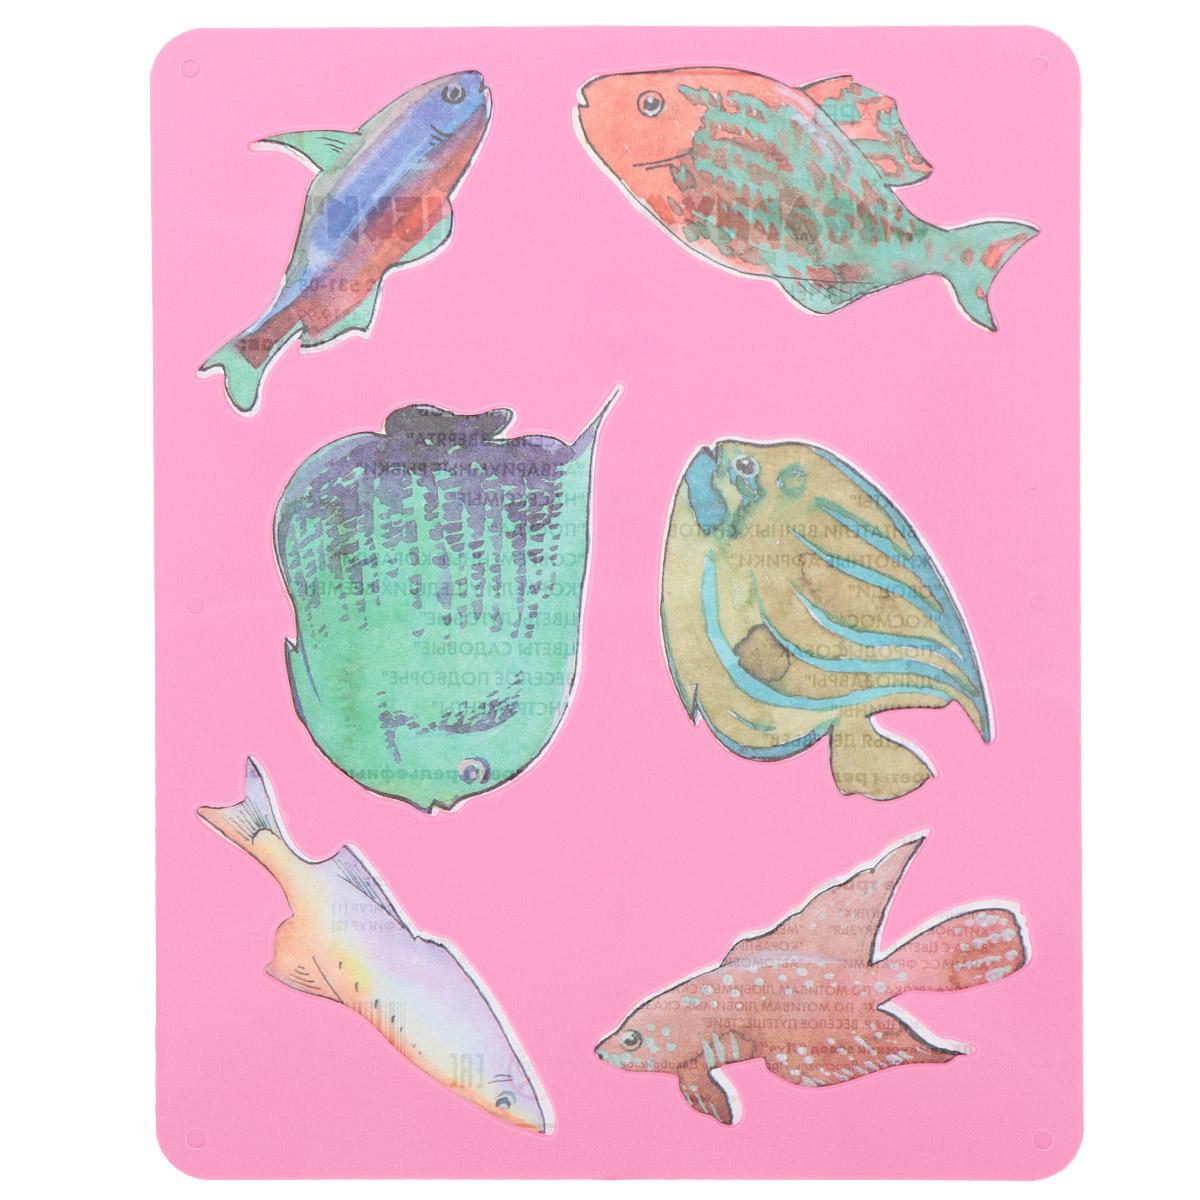 Трафарет прорезной Луч Аквариумные рыбки10С 531-08Трафарет Луч Аквариумные рыбки, выполненный из безопасного пластика, предназначен для детского творчества. По трафарету маленький художник сможет нарисовать и отдельных рыбок, и сюжетные картинки с ними. Для этого необходимо положить трафарет на лист бумаги, обвести фигуру по контуру и раскрасить по своему вкусу или глядя на цветную картинку-образец. Трафареты предназначены для развития у детей мелкой моторики и зрительно-двигательной координации, навыков художественной композиции и зрительного восприятия.